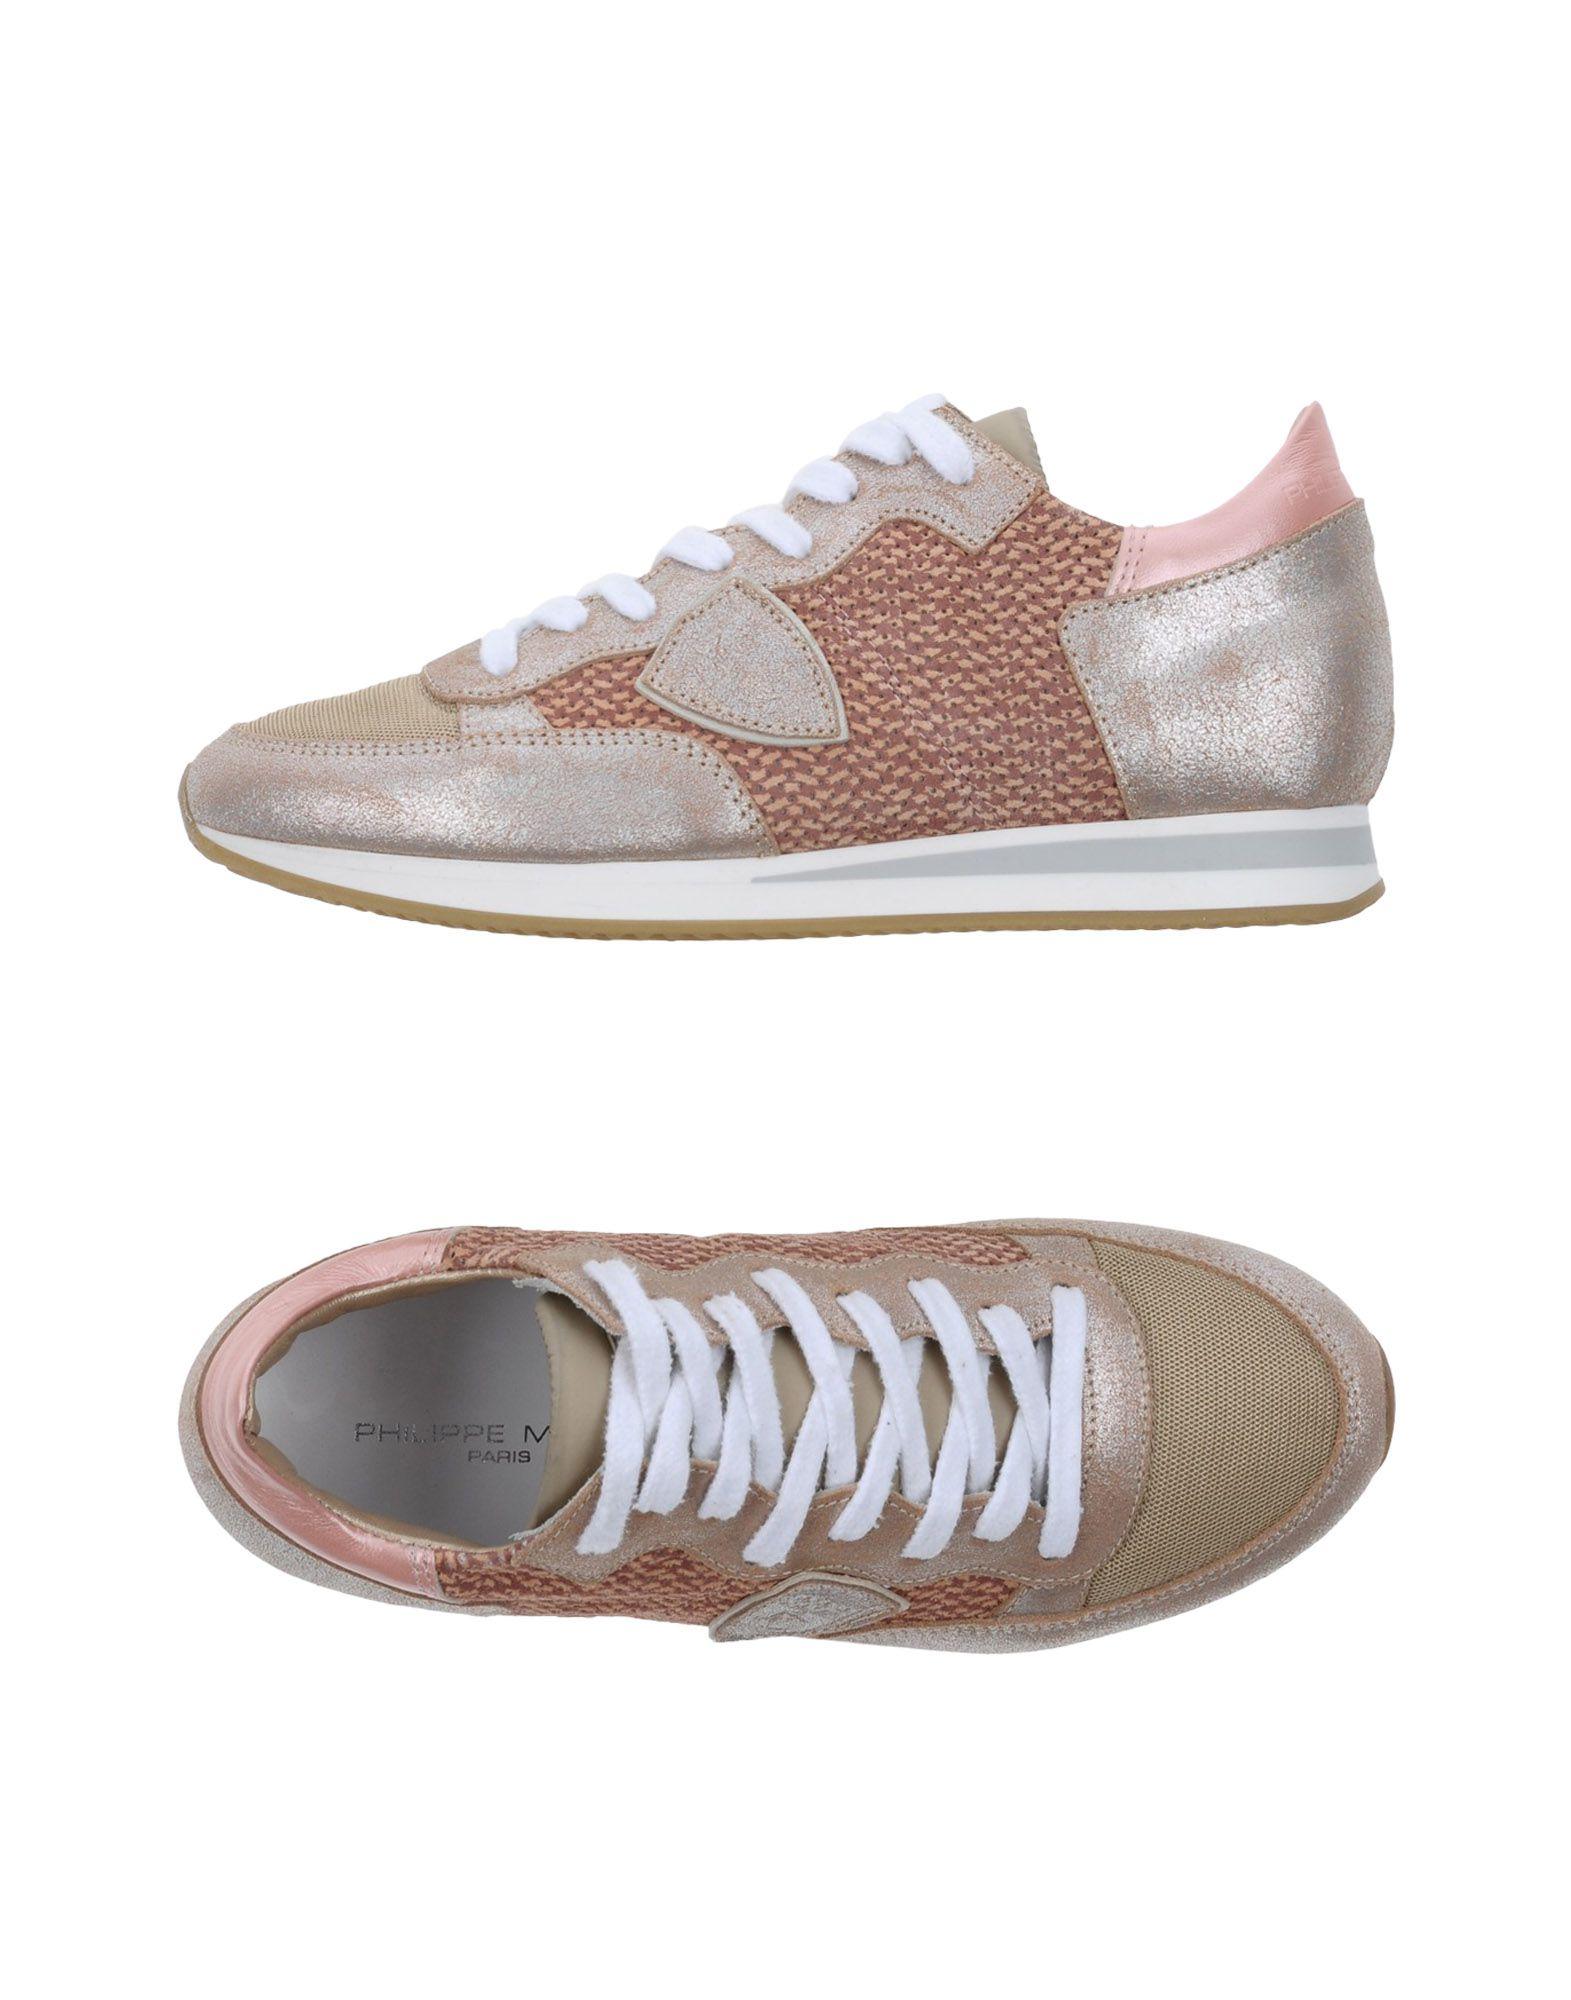 Philippe Model Sneakers Damen Schuhe  11360738PWGut aussehende strapazierfähige Schuhe Damen 4c2a50